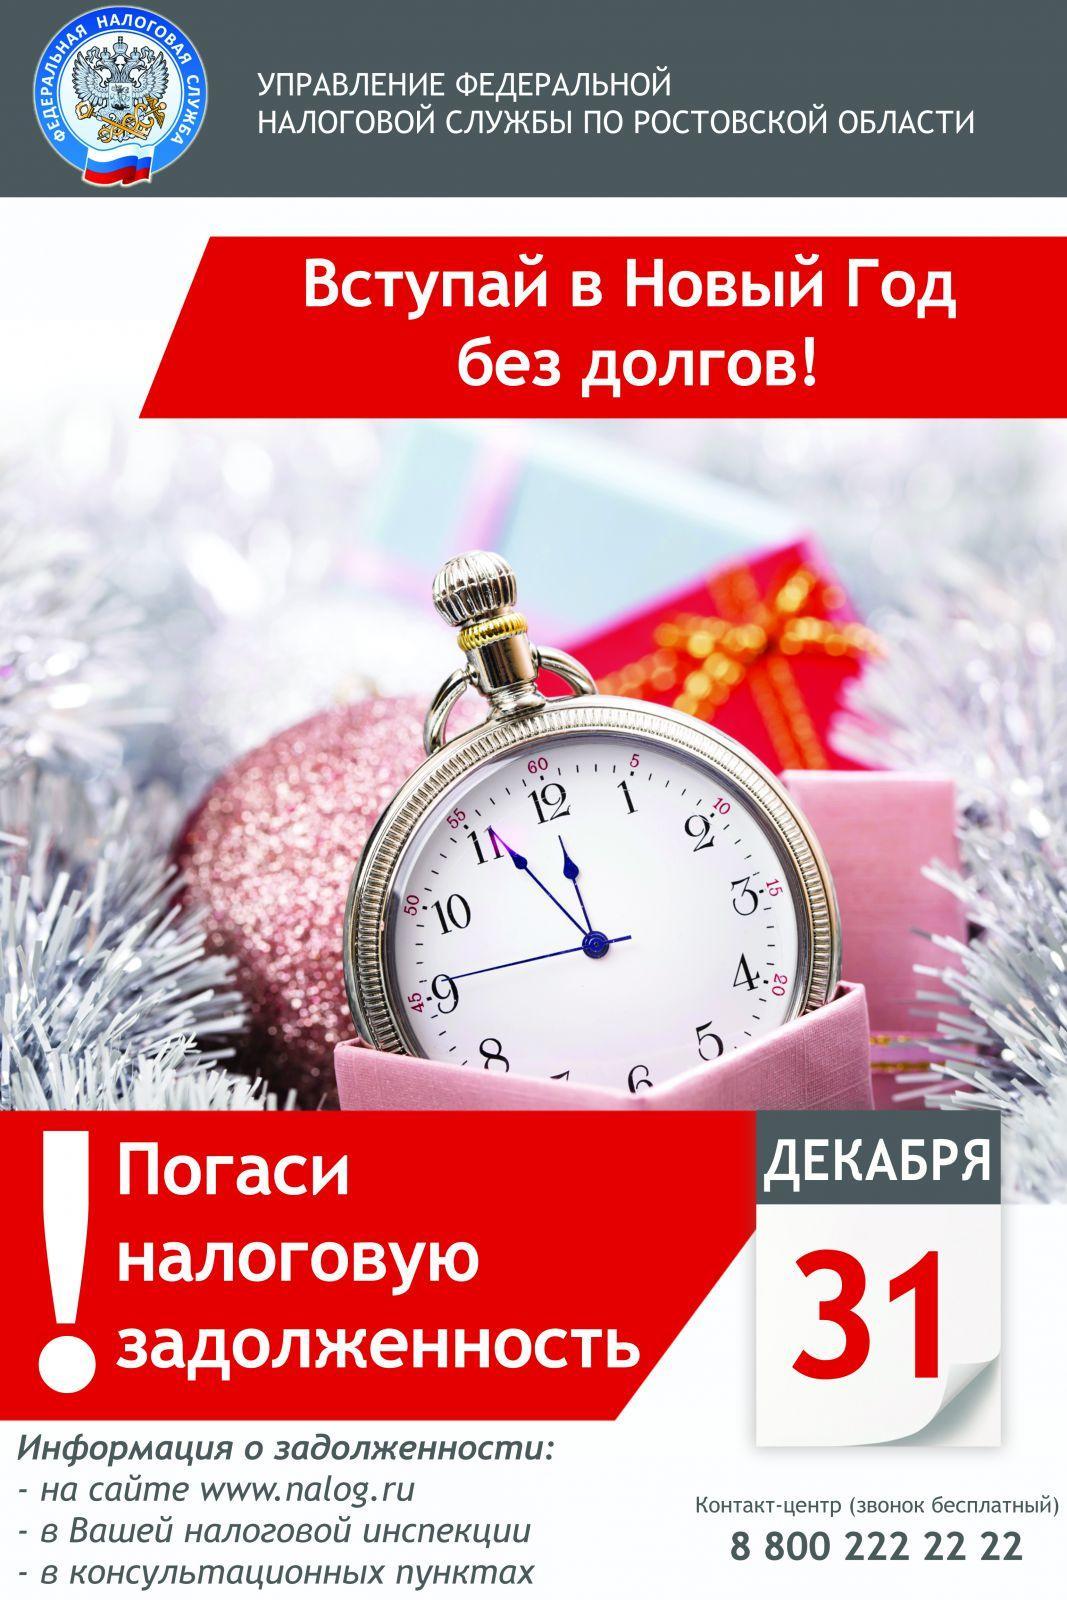 Налоговая служба проводит акцию «В новый год – без долгов»